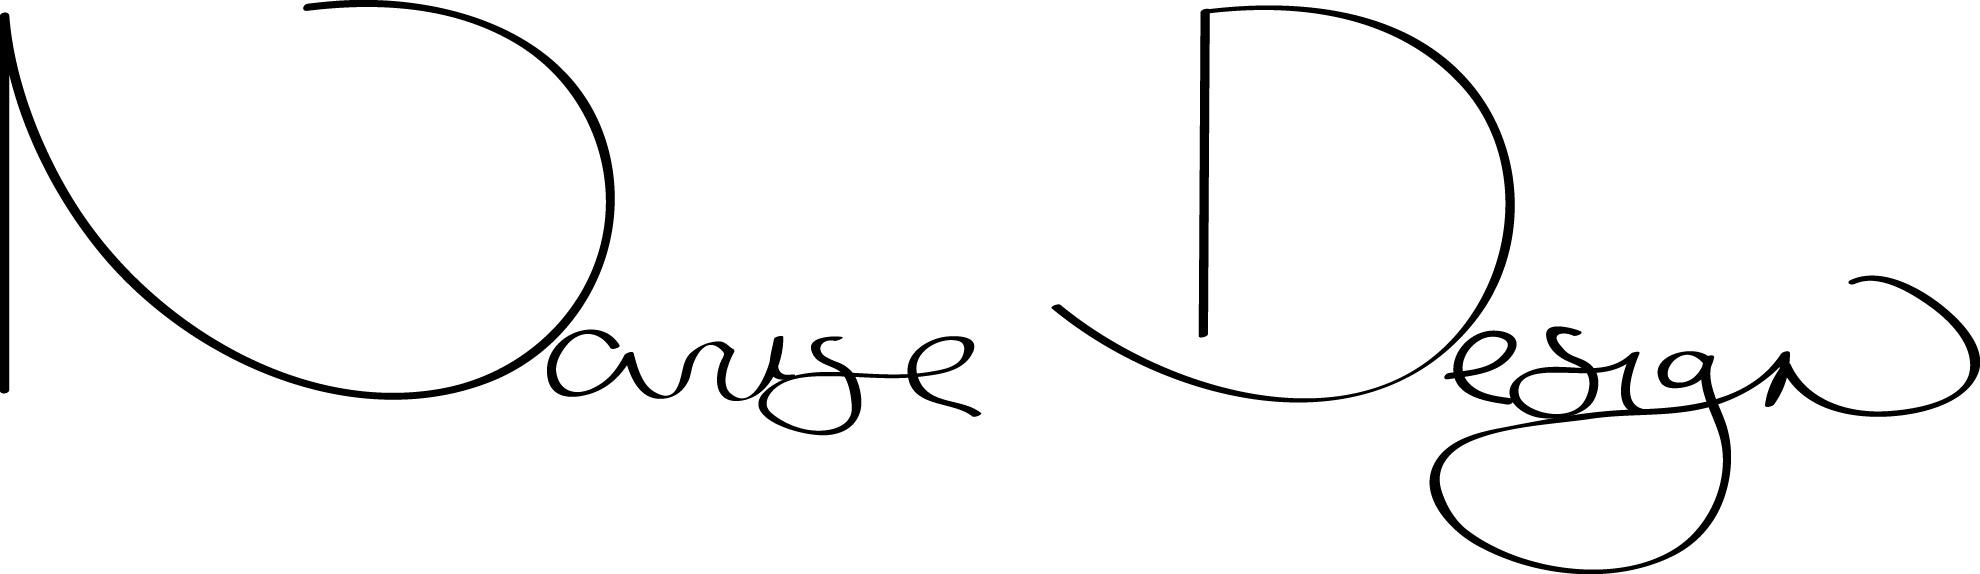 Naruse Design Signature